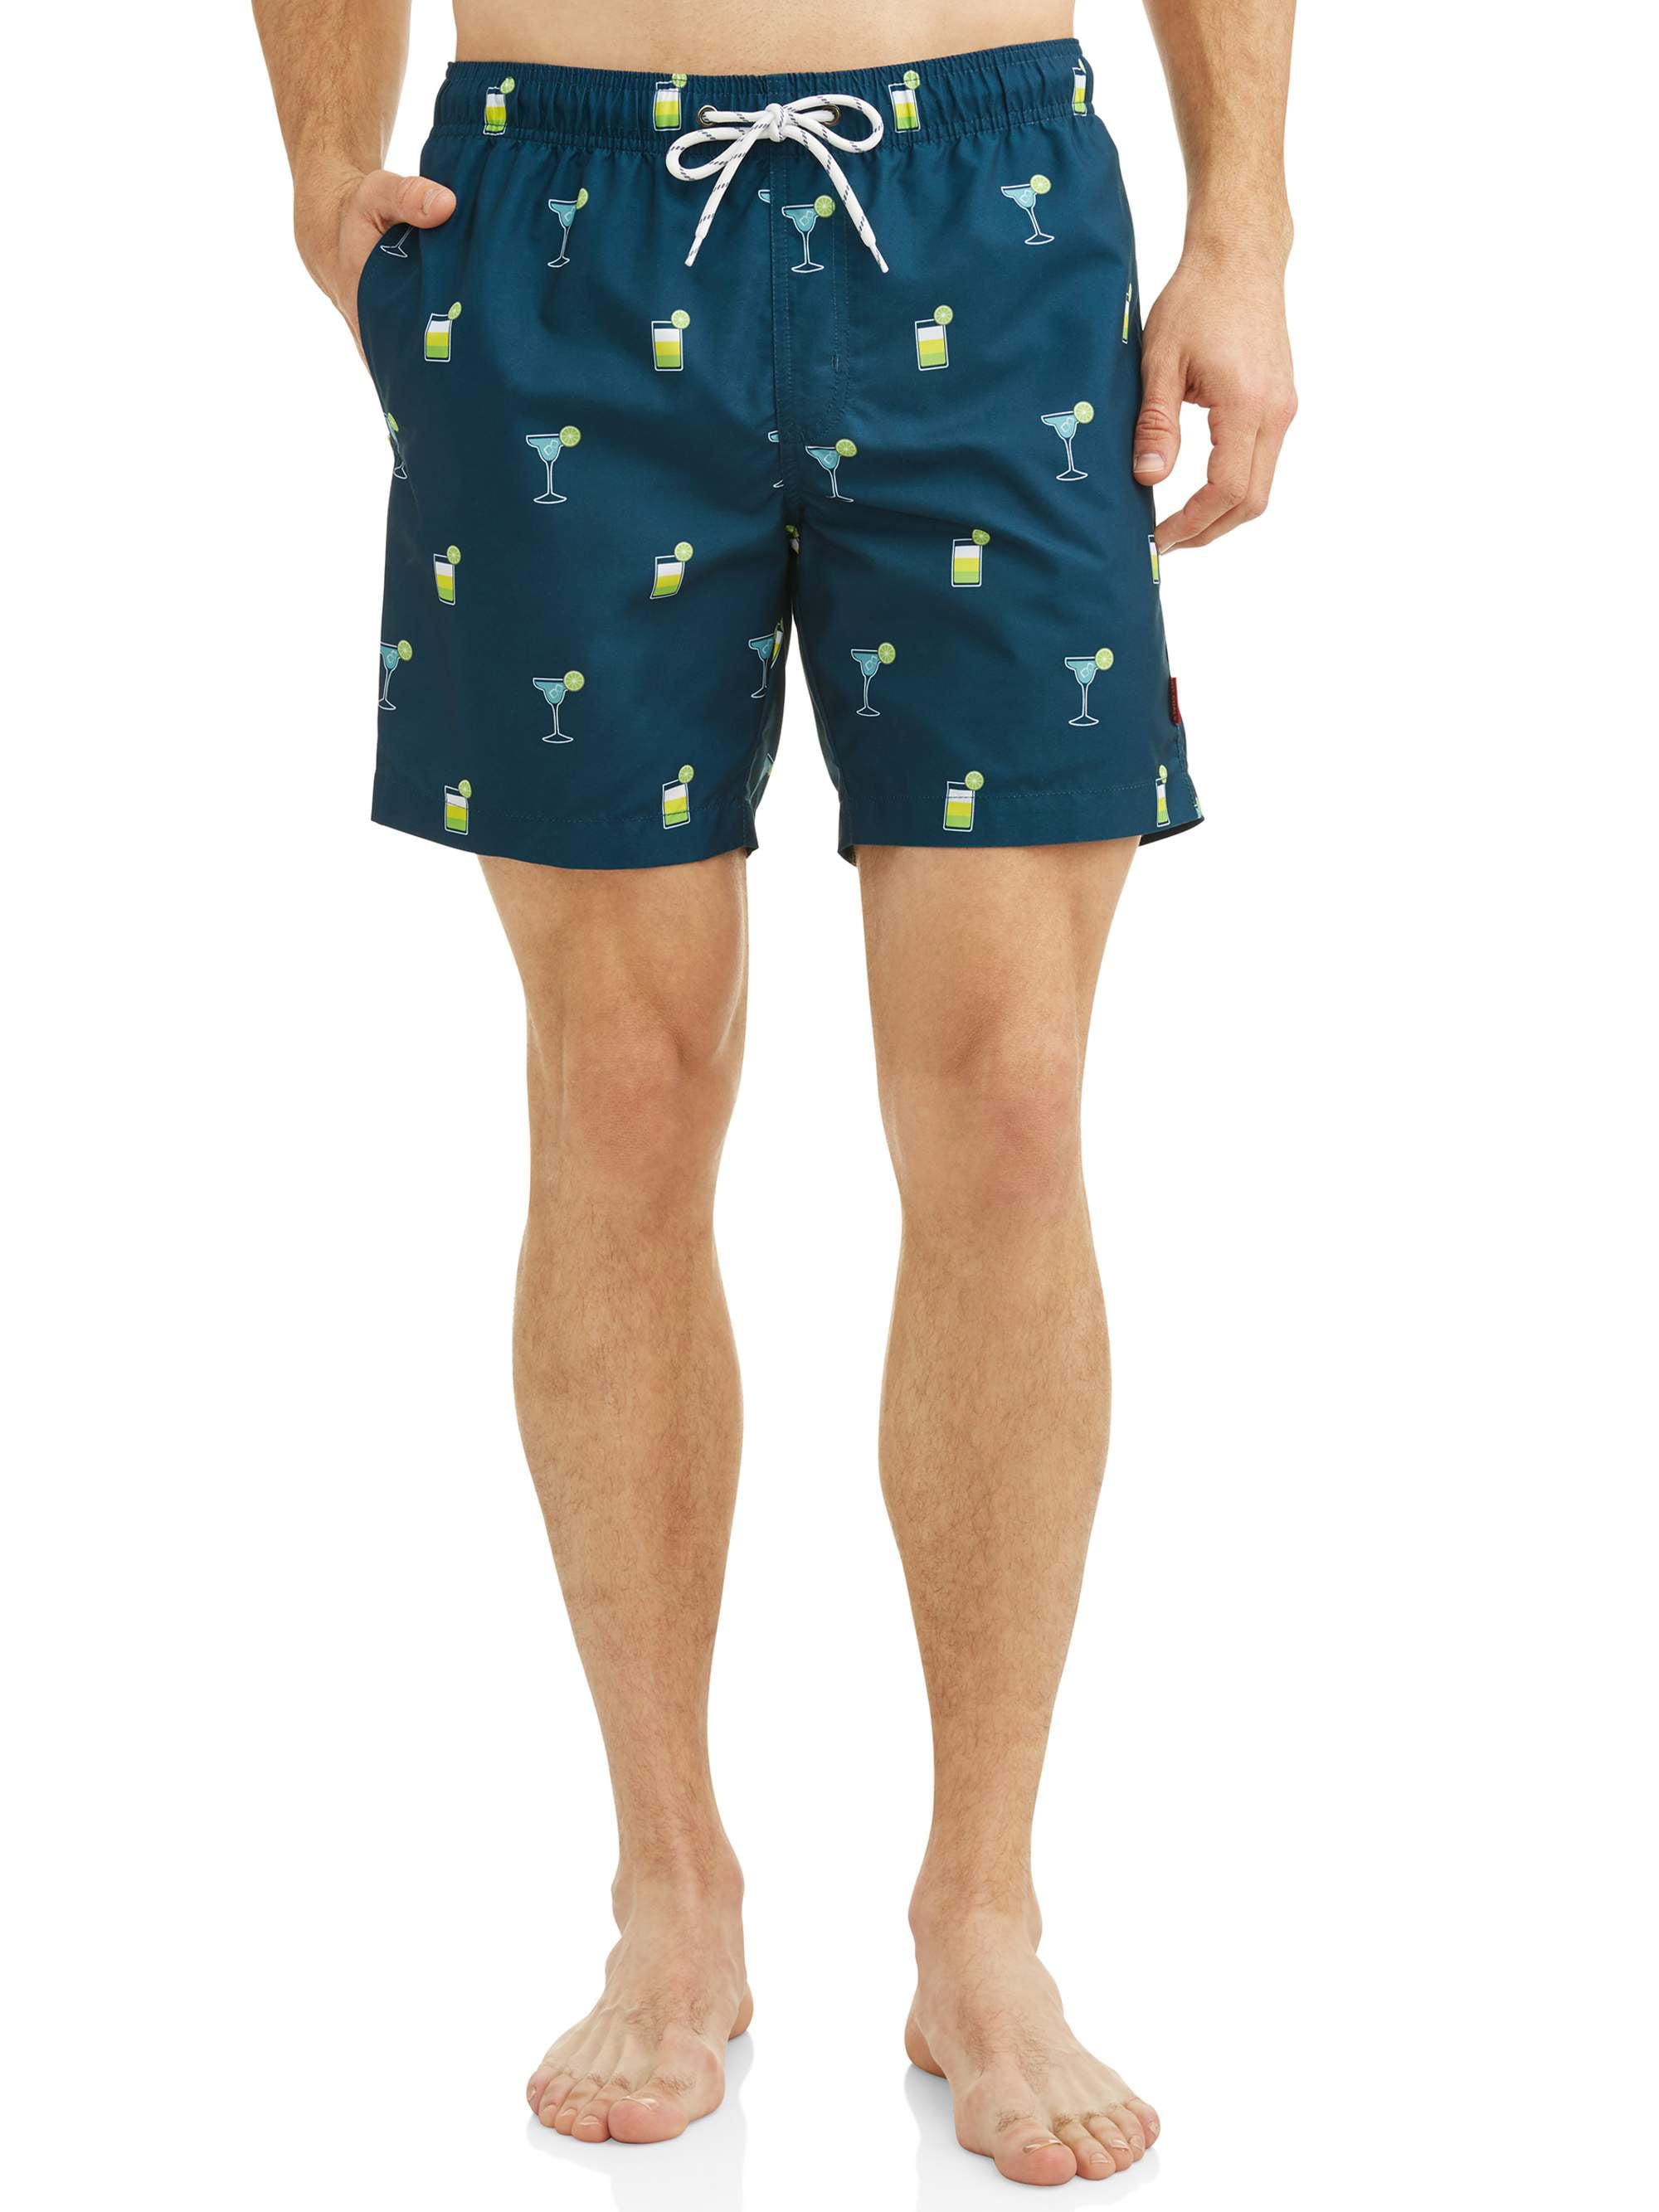 Hot Coals Men's Conversational Printed Swim Shorts